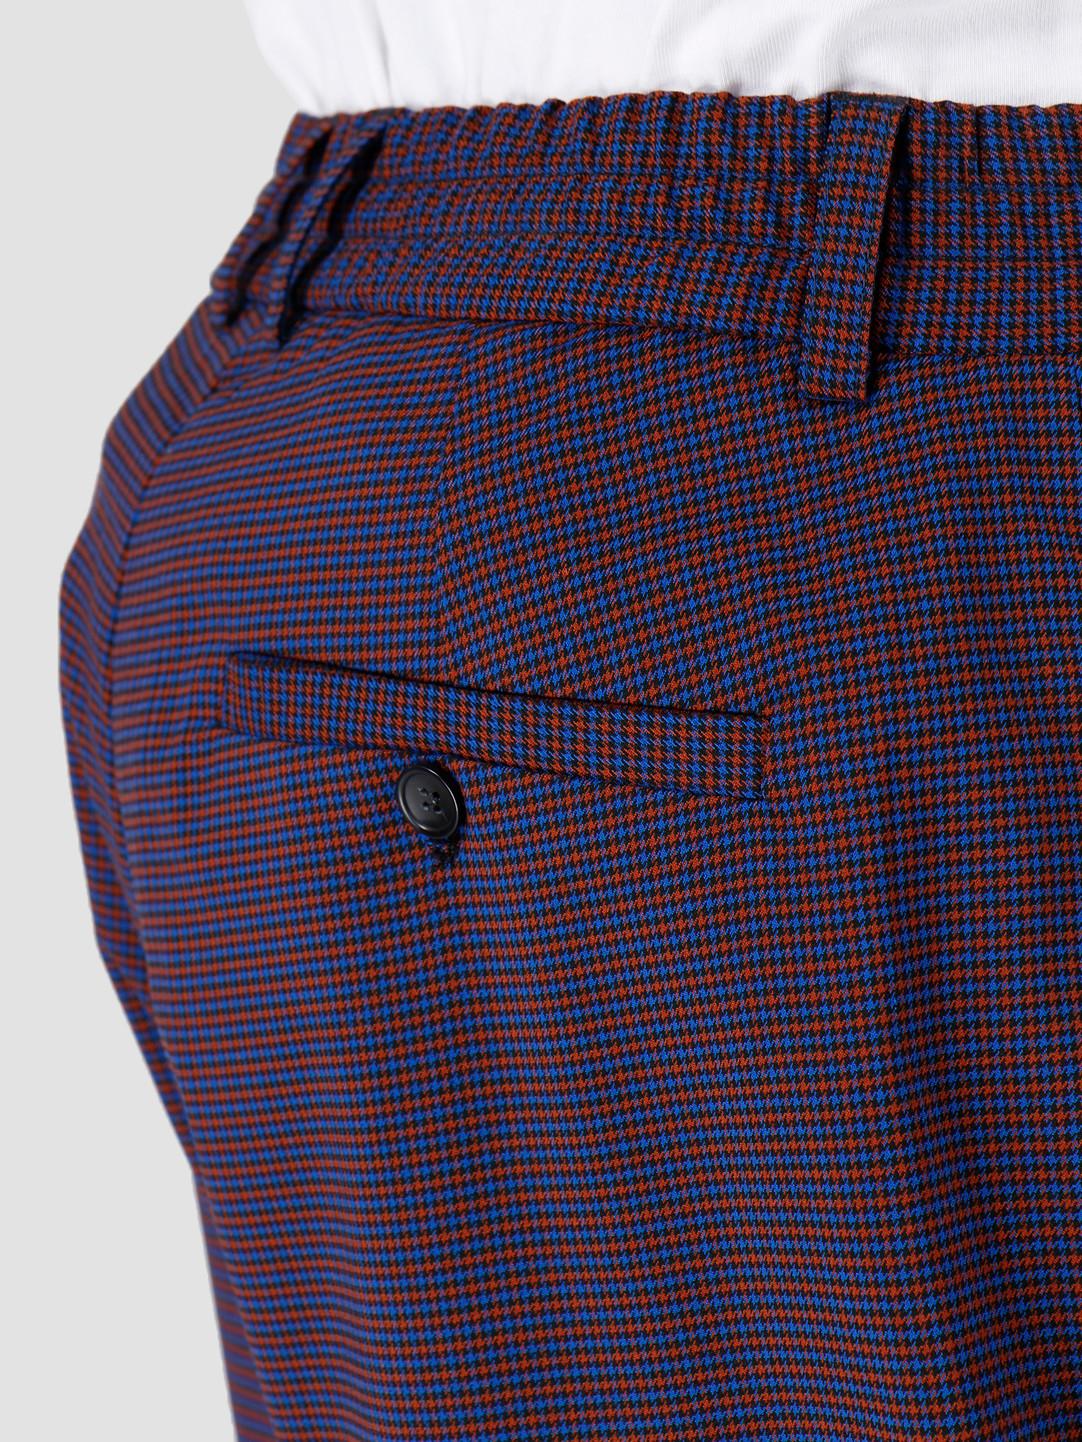 Libertine Libertine Libertine Libertine Gibbon Shorts Royal Blue Check 1611